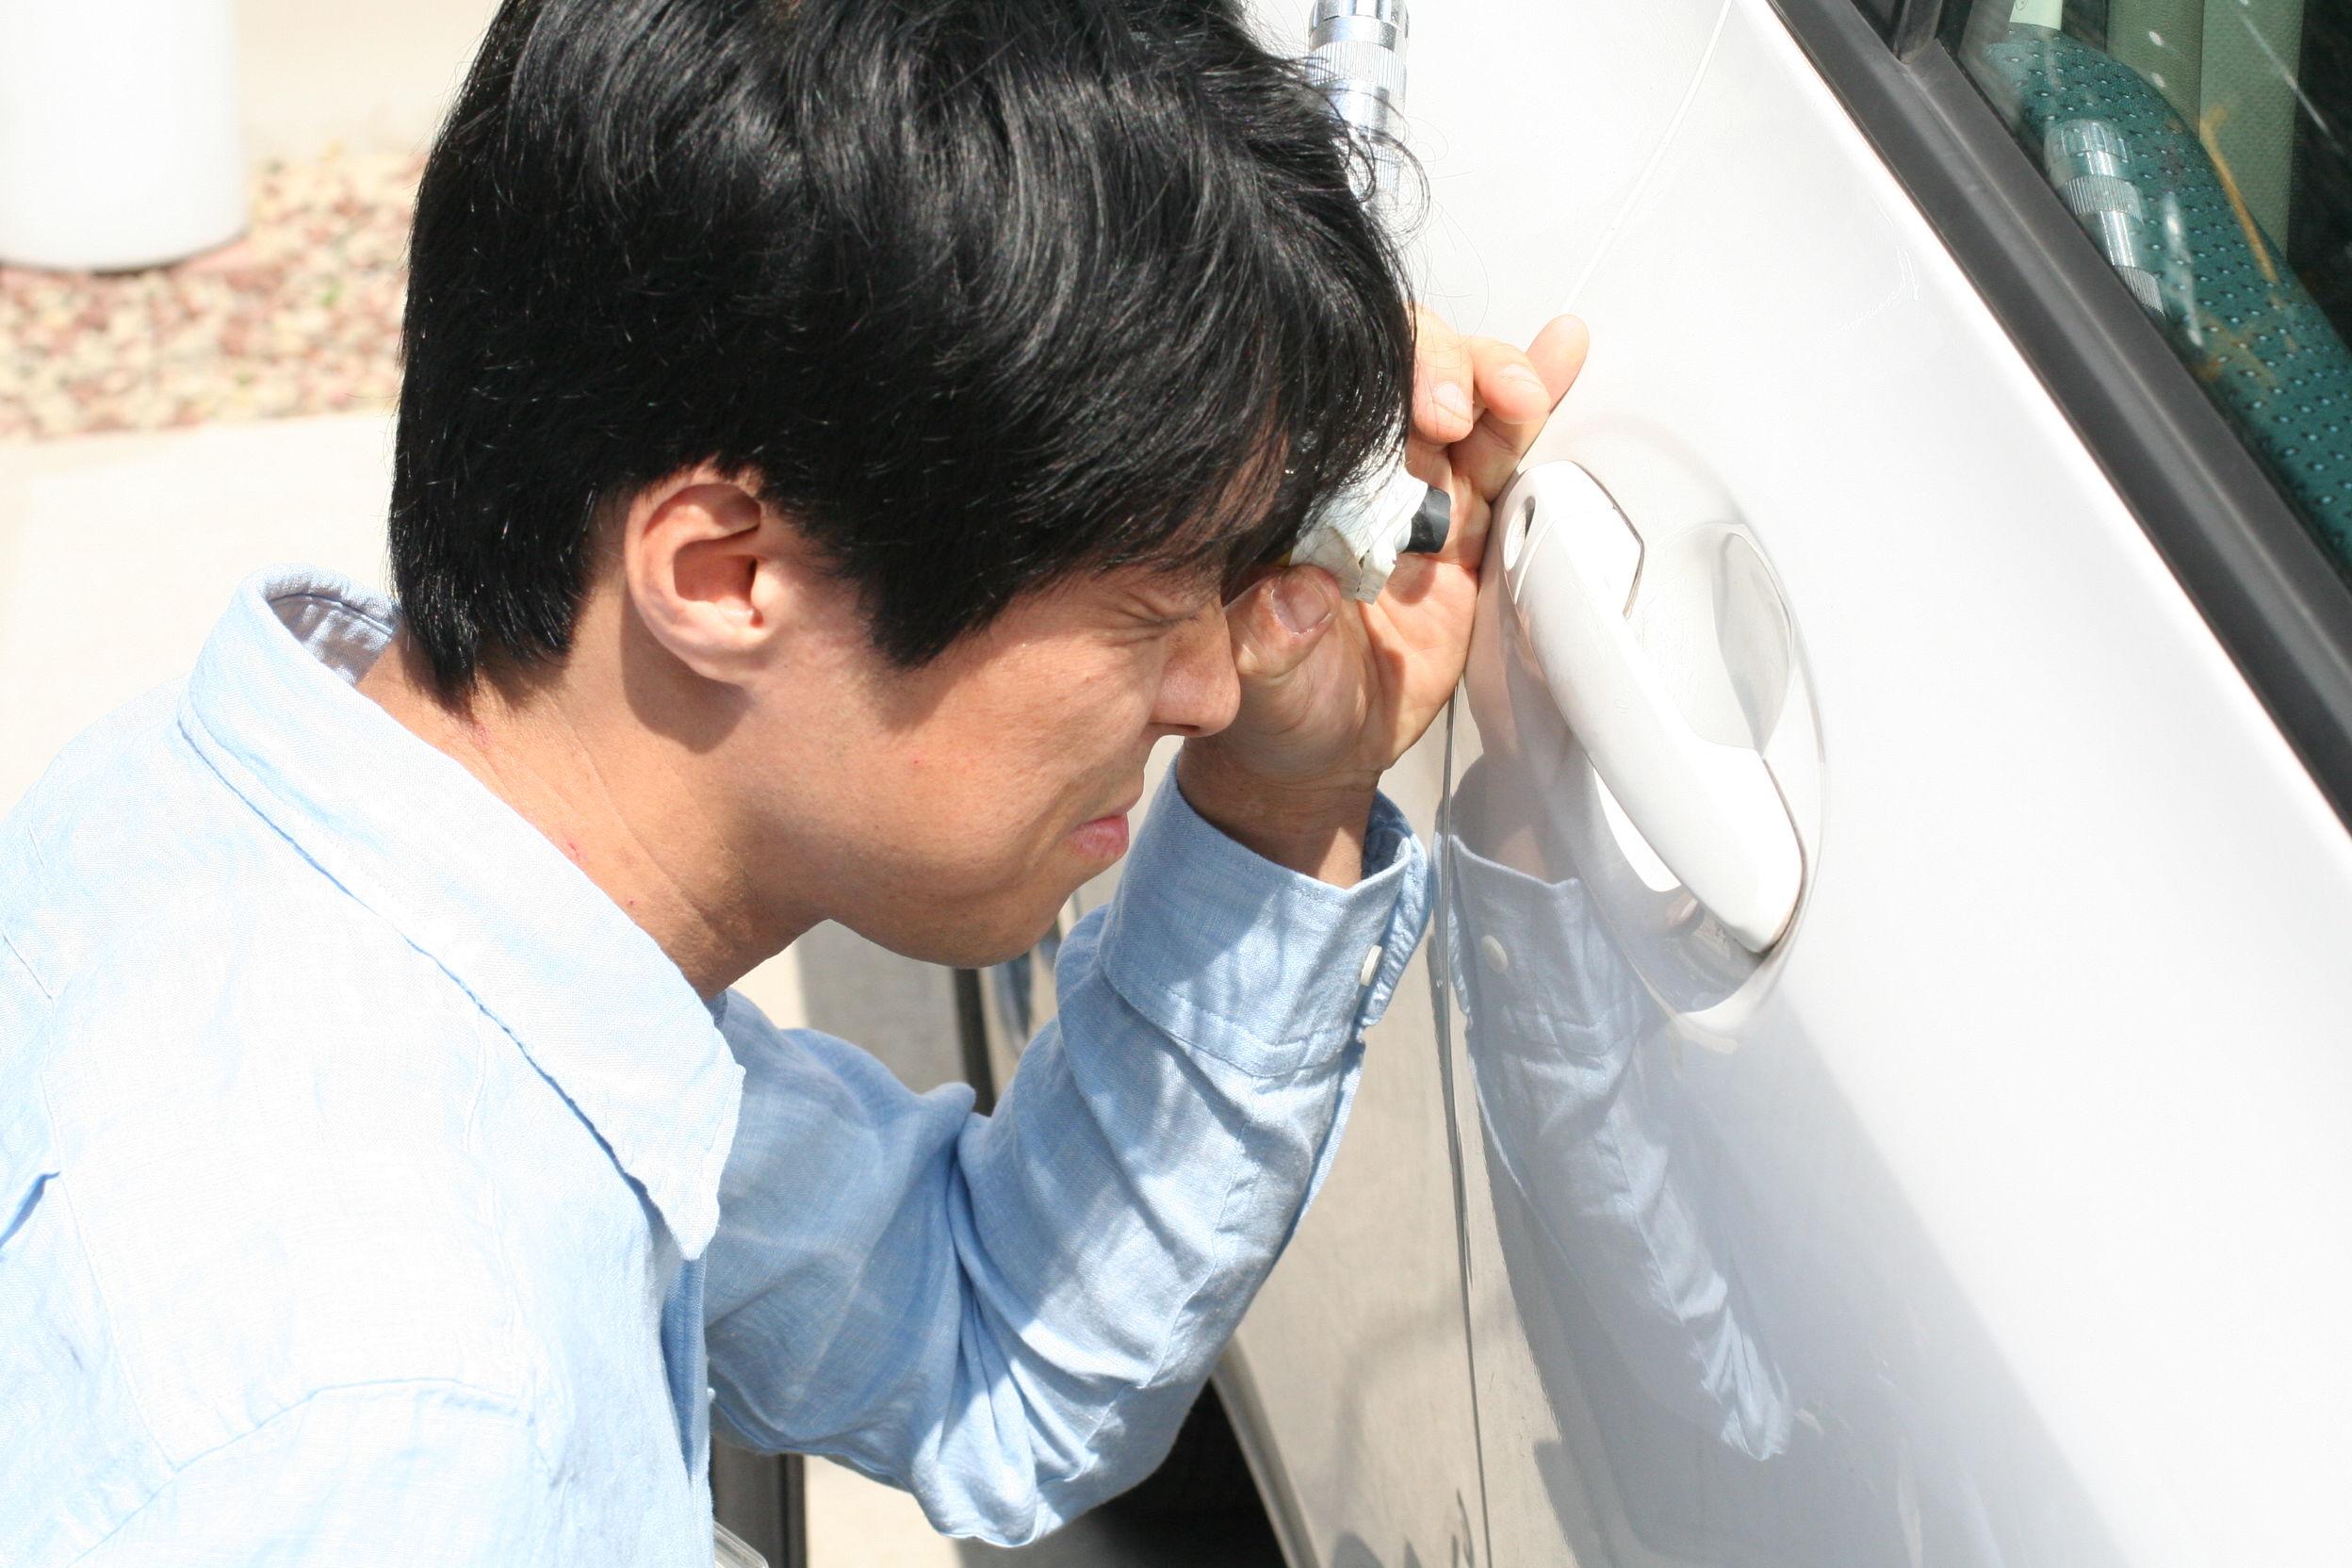 カギのトラブル救Q隊.24【香取市 出張エリア】のメイン画像